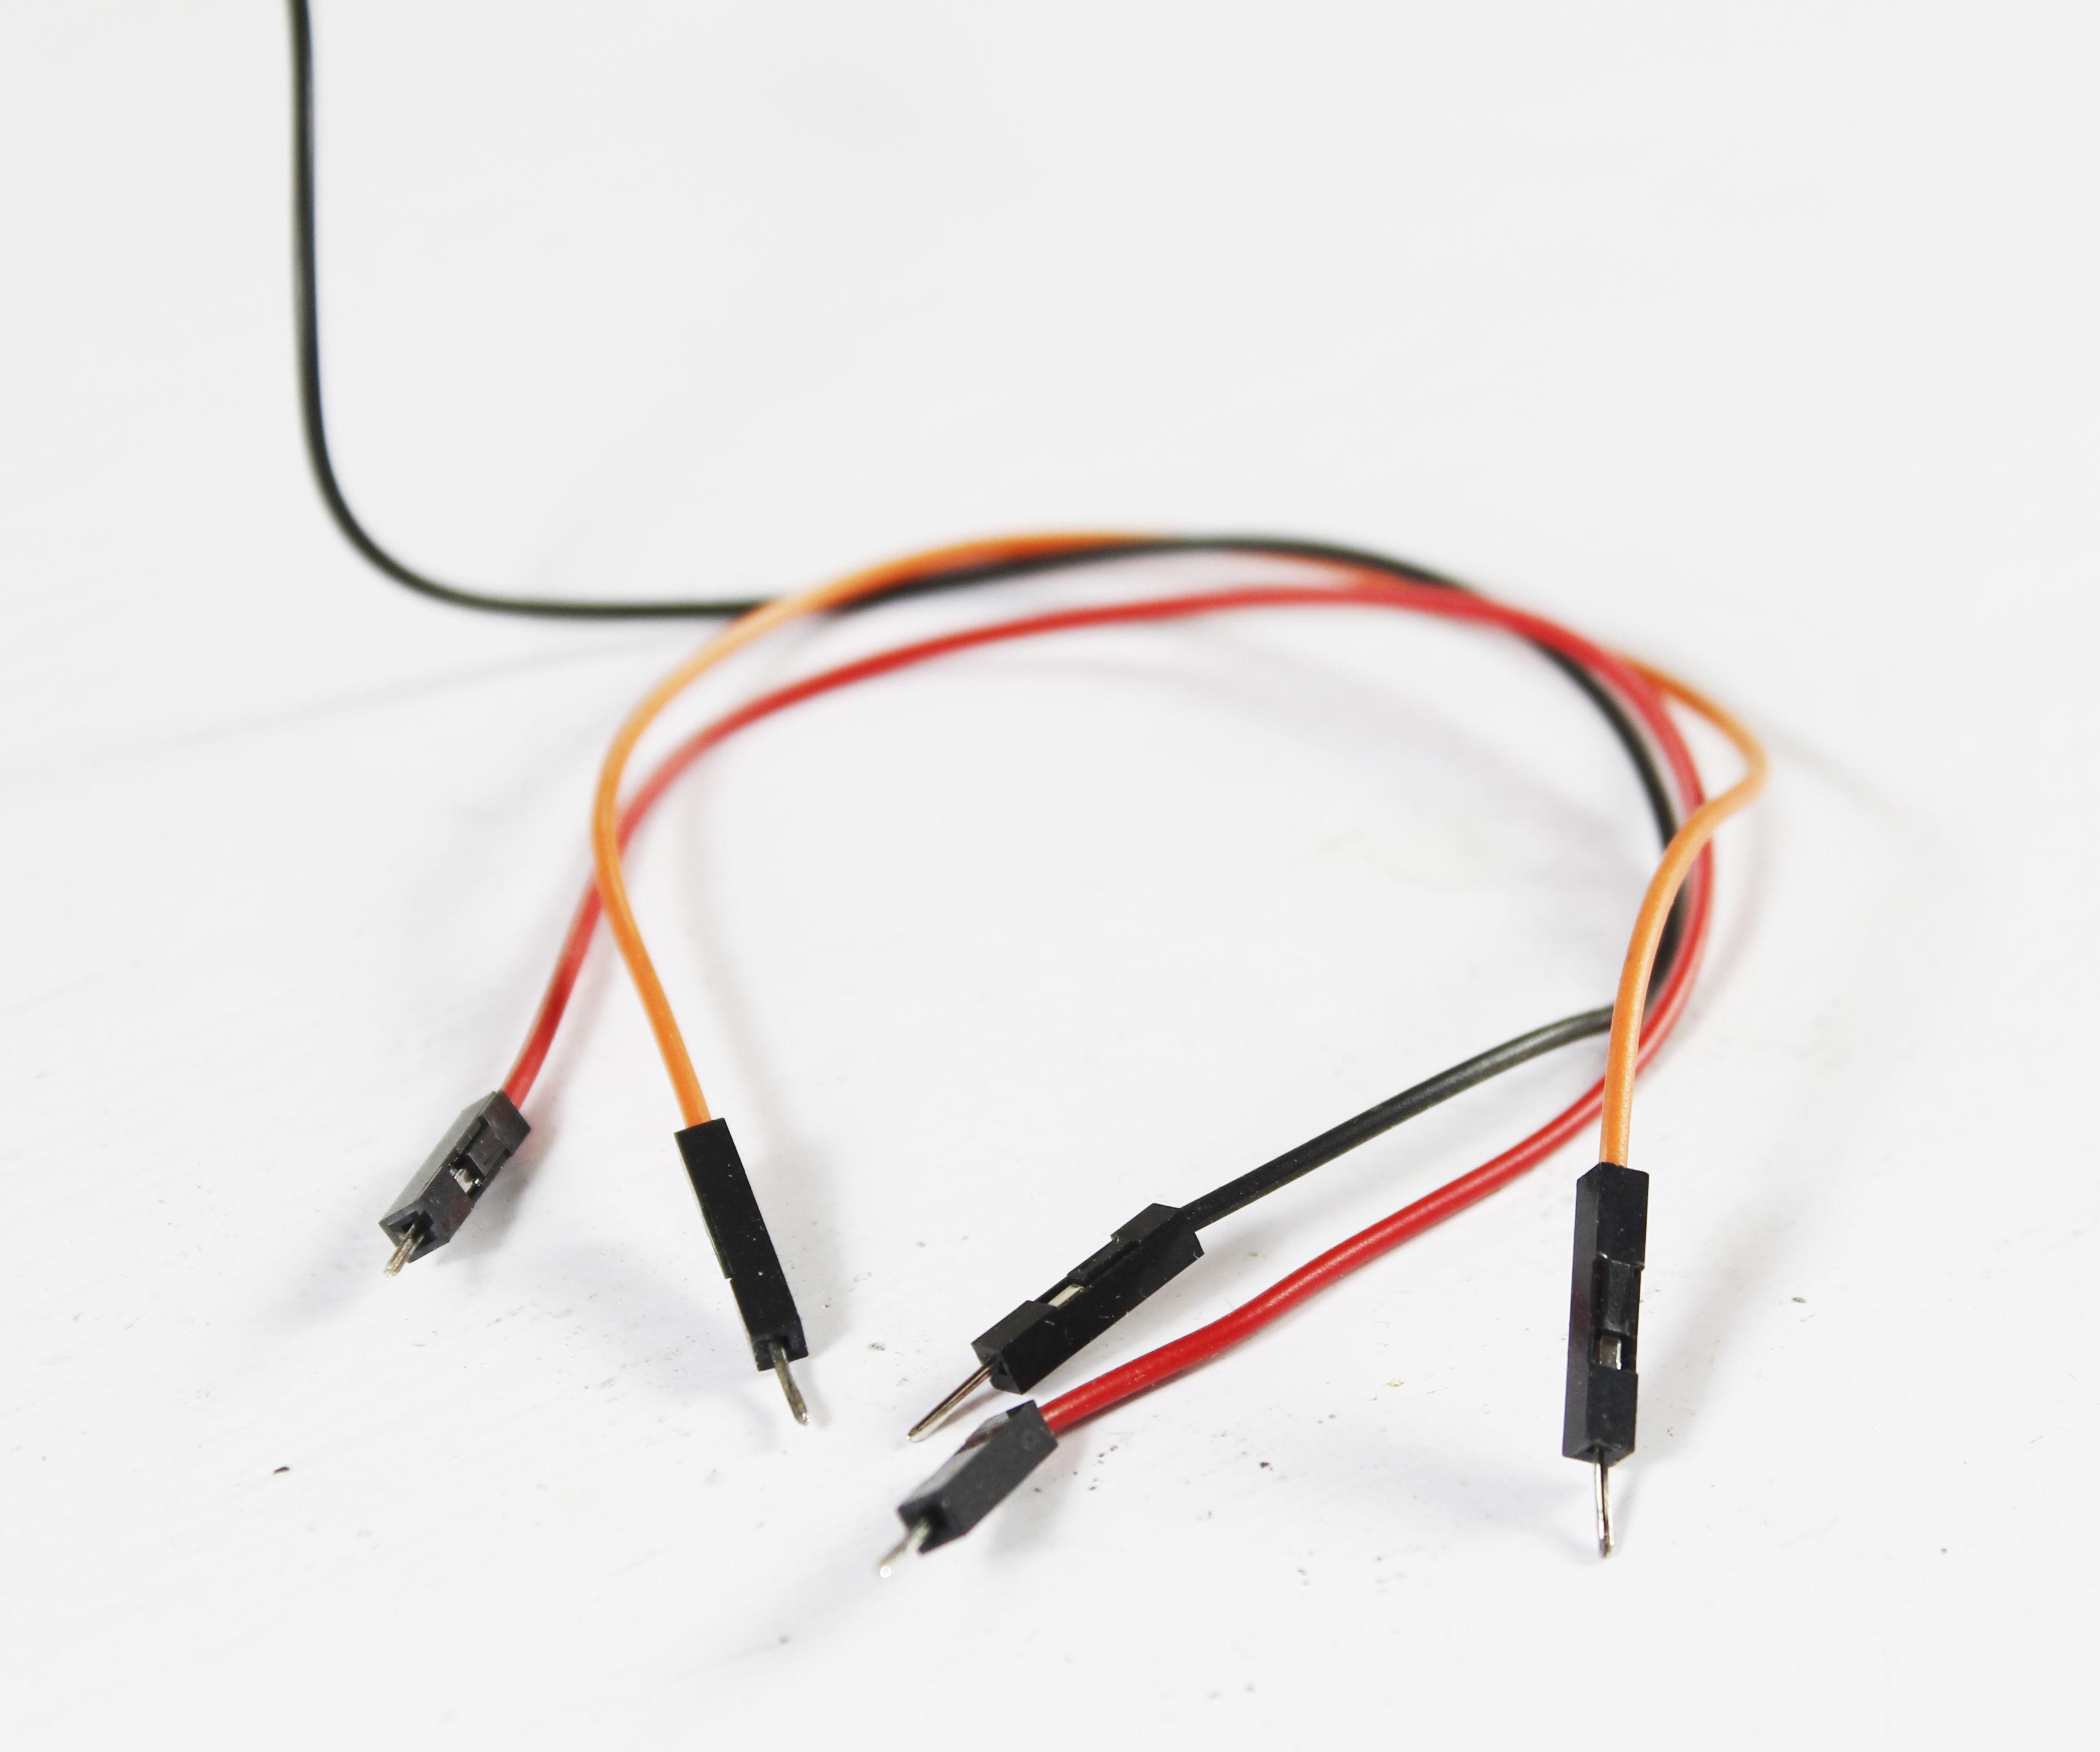 Make Bread Board Jumper Wires